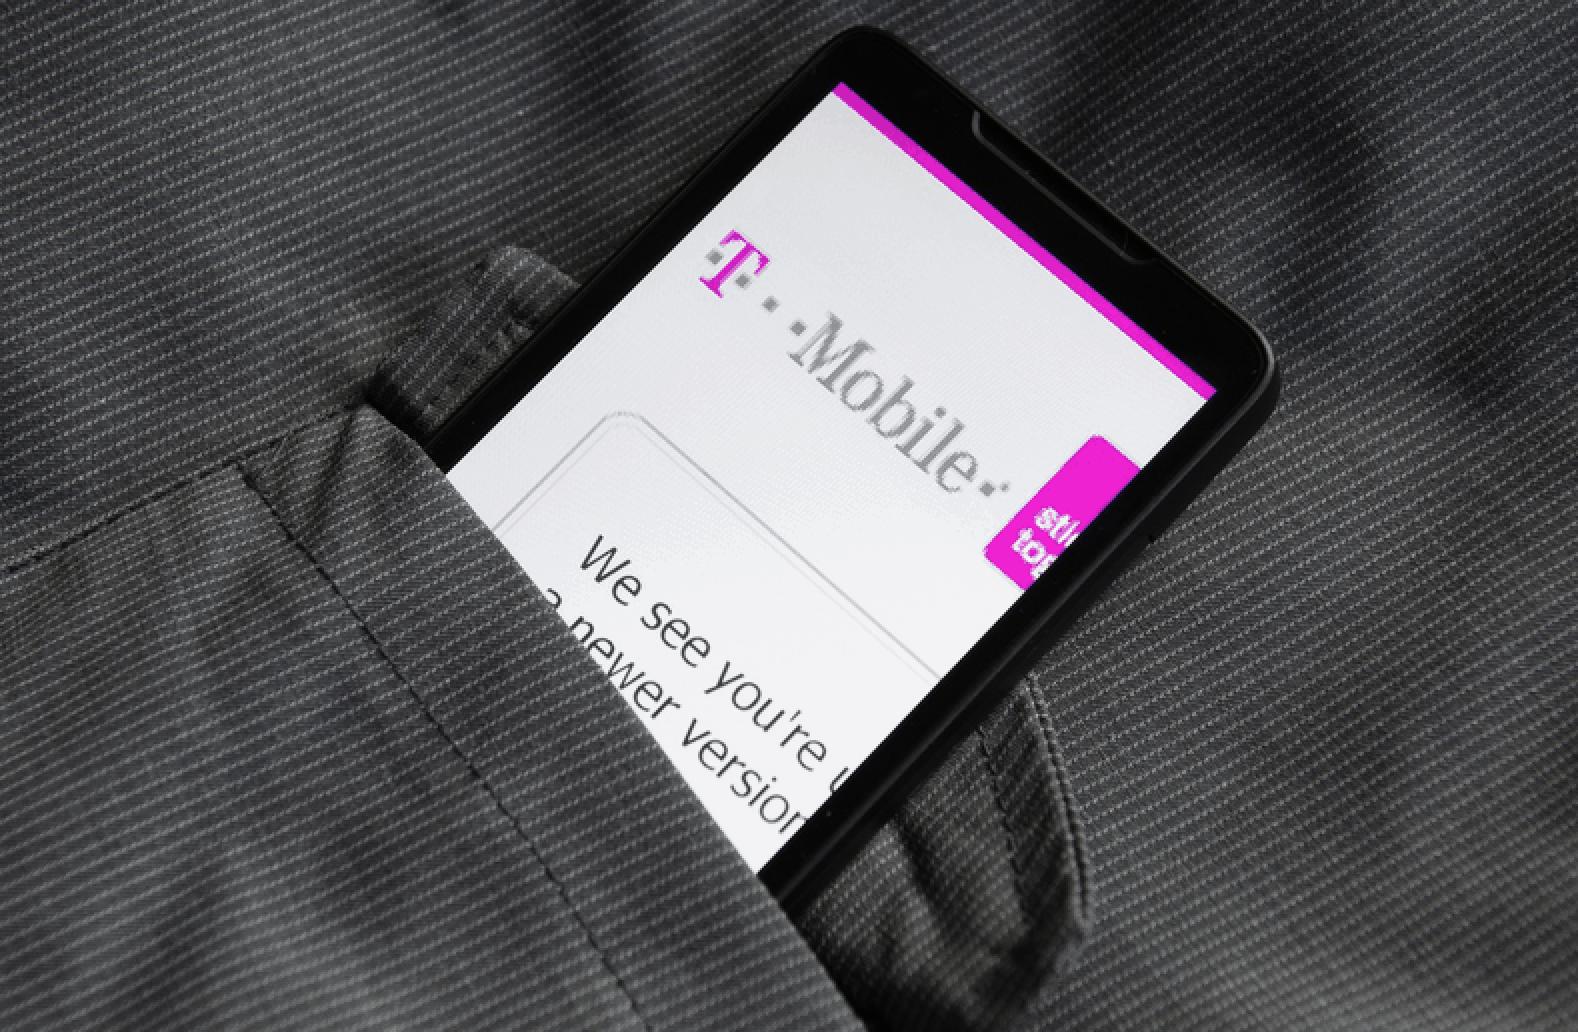 T-Mobile bietet jetzt Unterstützung für eSIM iPhone